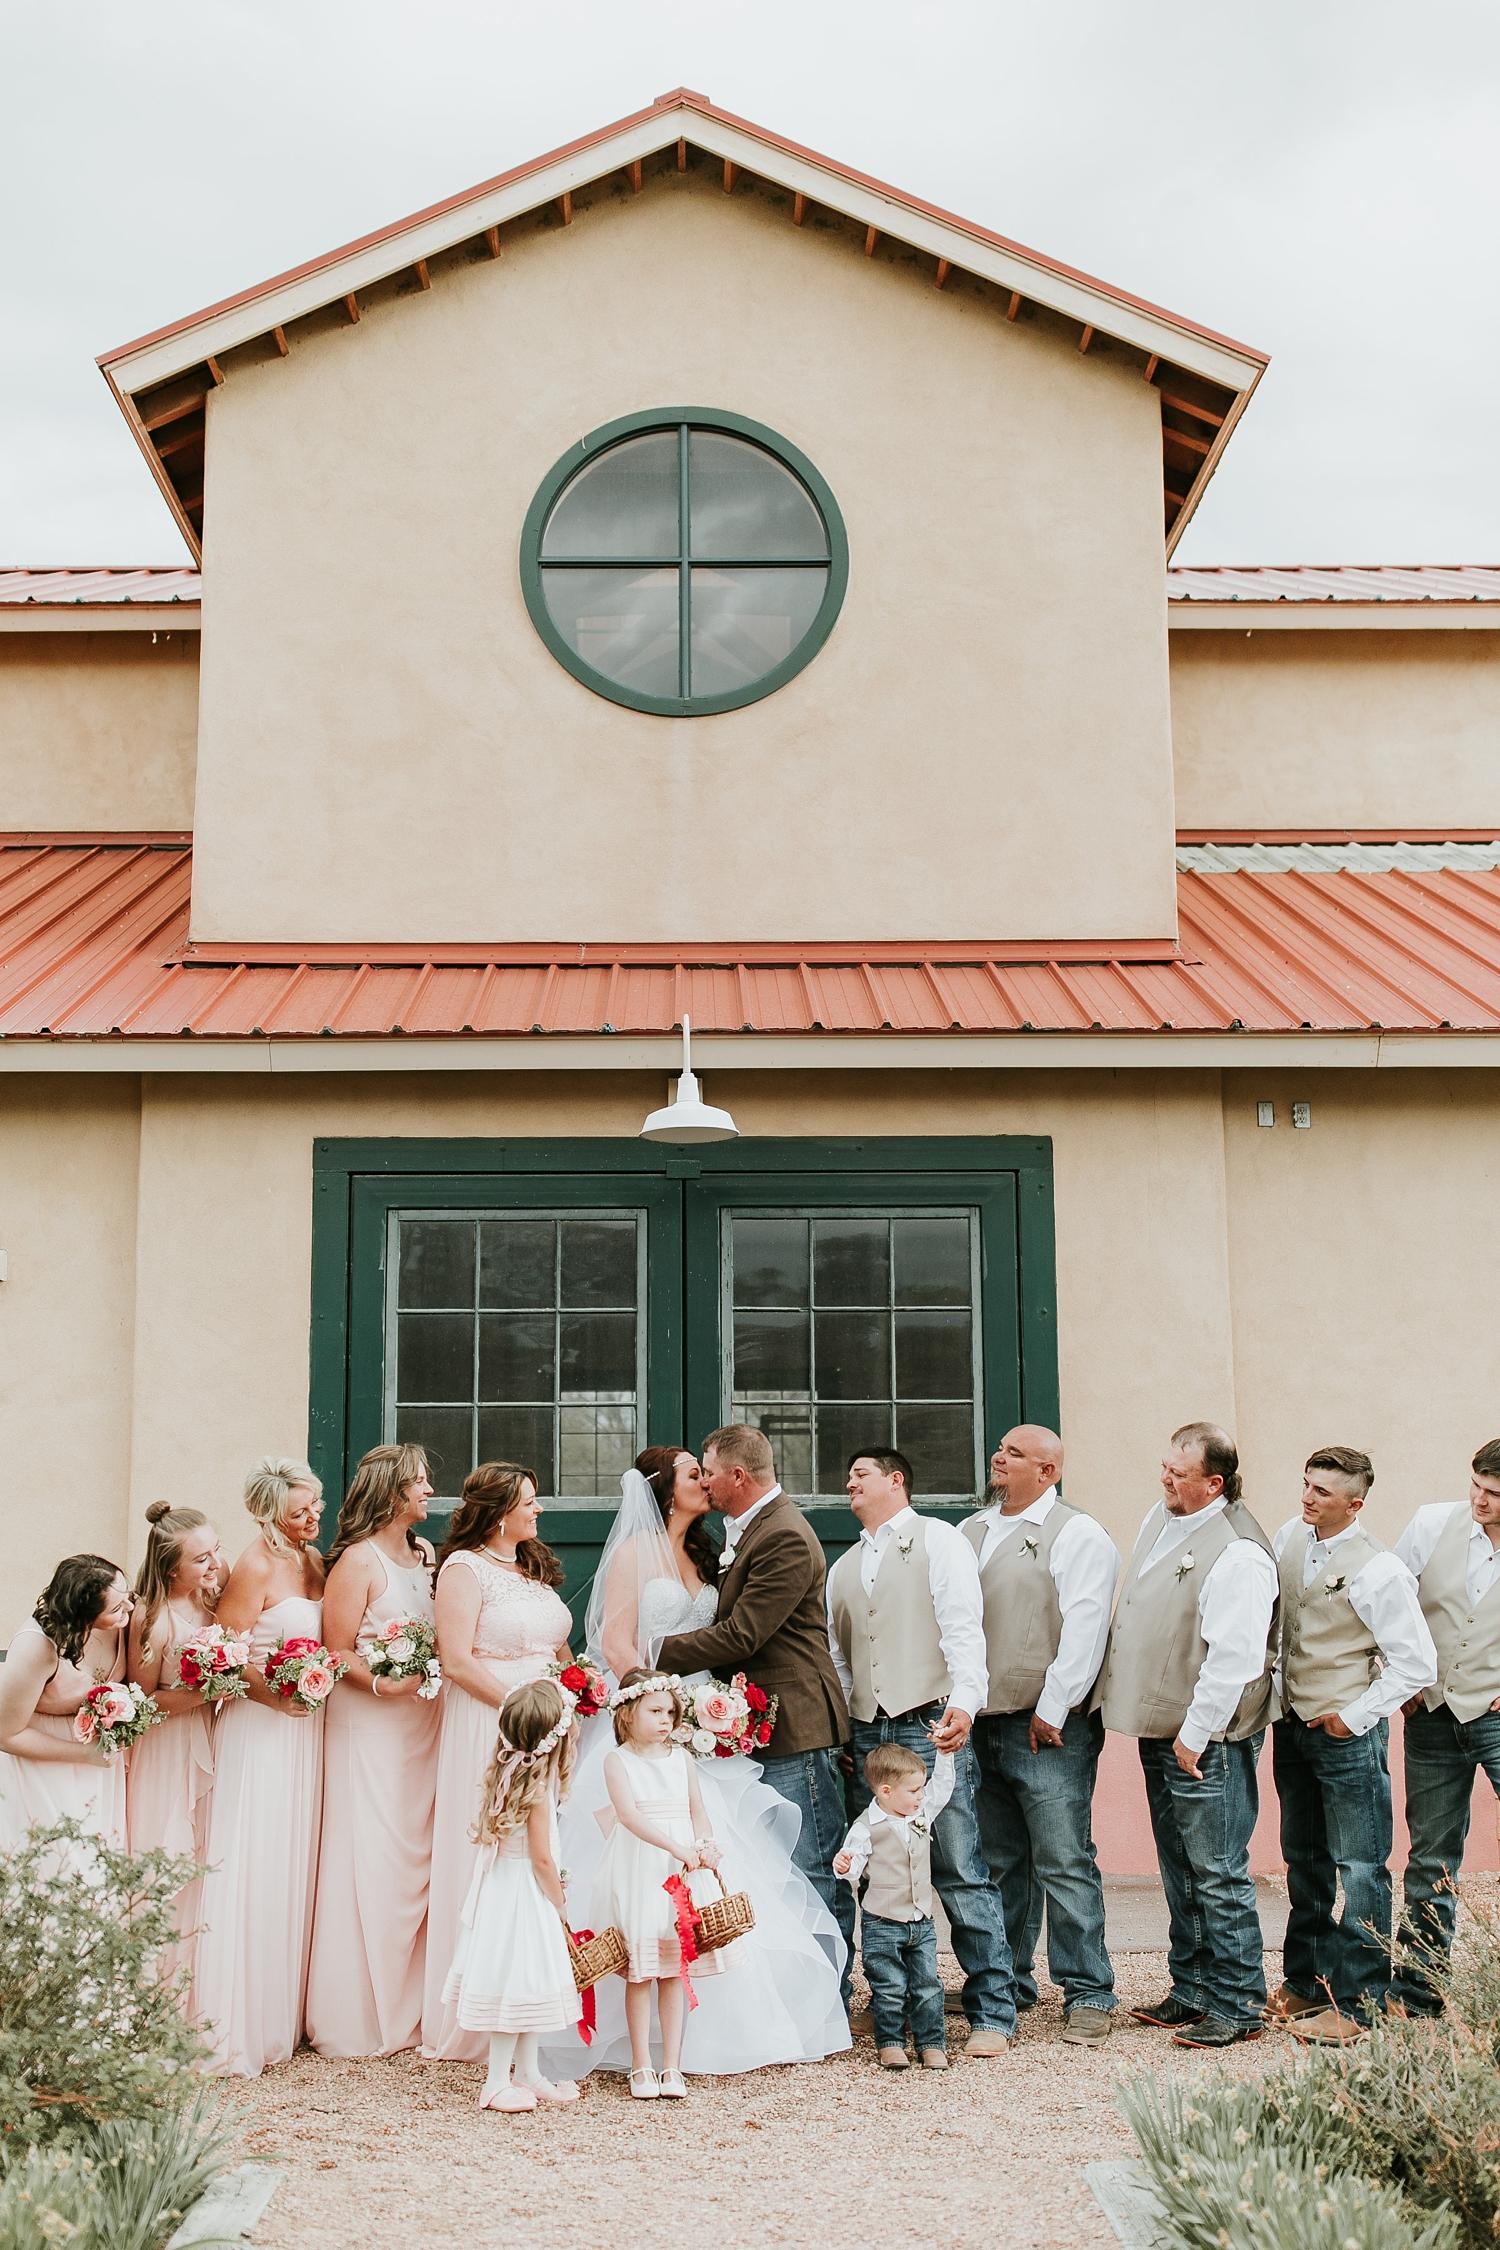 Alicia+lucia+photography+-+albuquerque+wedding+photographer+-+santa+fe+wedding+photography+-+new+mexico+wedding+photographer+-+new+mexico+engagement+-+la+mesita+ranch+wedding+-+la+mesita+ranch+spring+wedding_0040.jpg